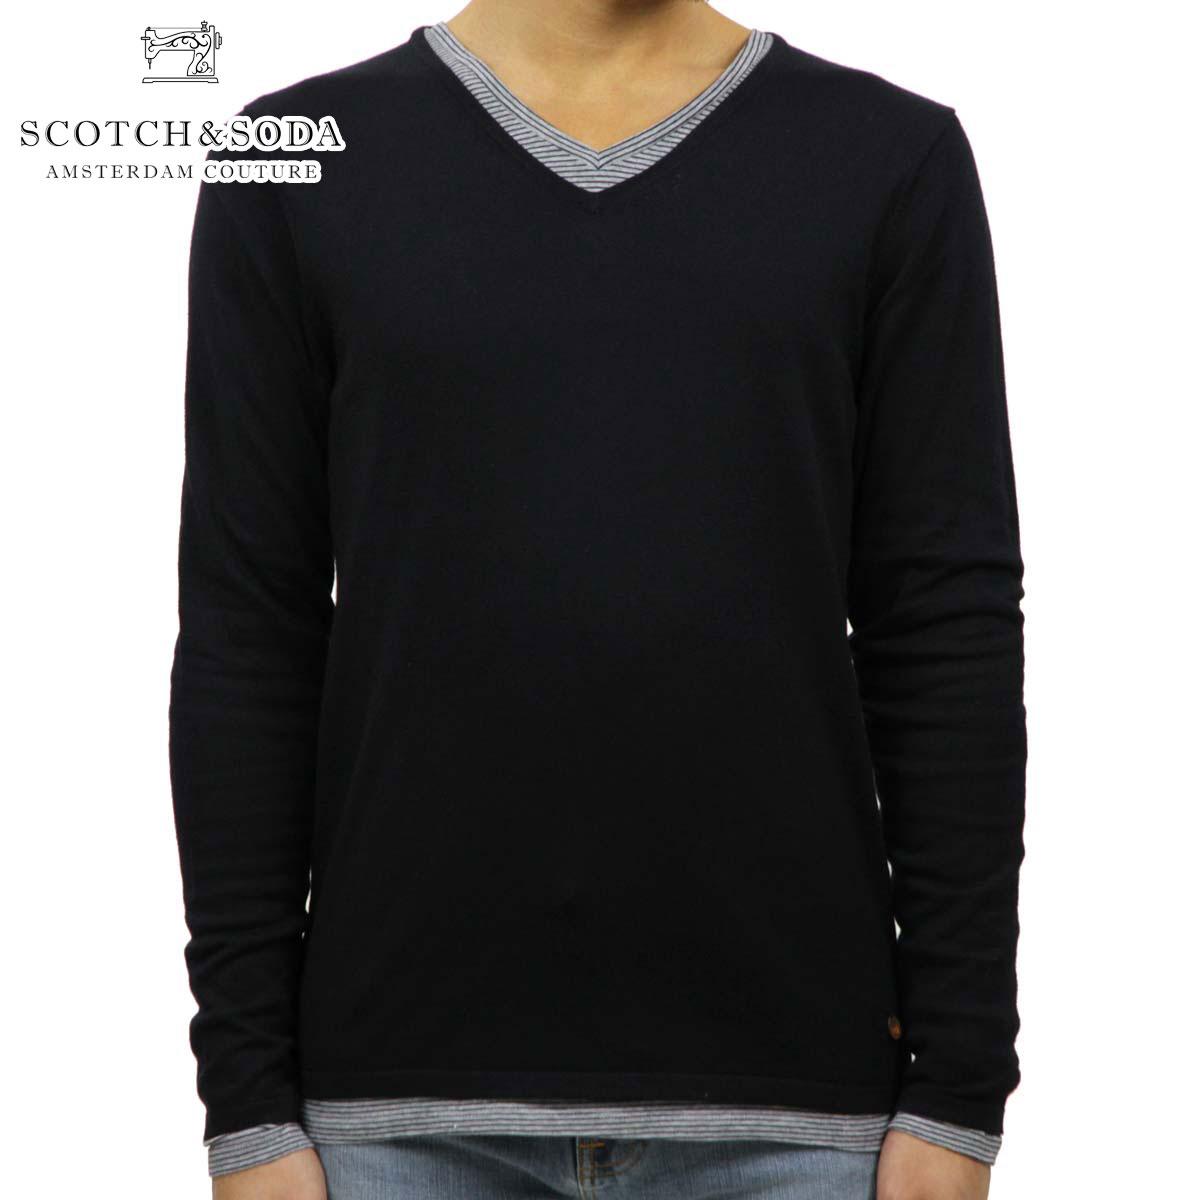 スコッチアンドソーダ SCOTCH&SODA 正規販売店 メンズ セーター COTTON/ACRYLIC V-NECK PULL 60026 58 D00S20